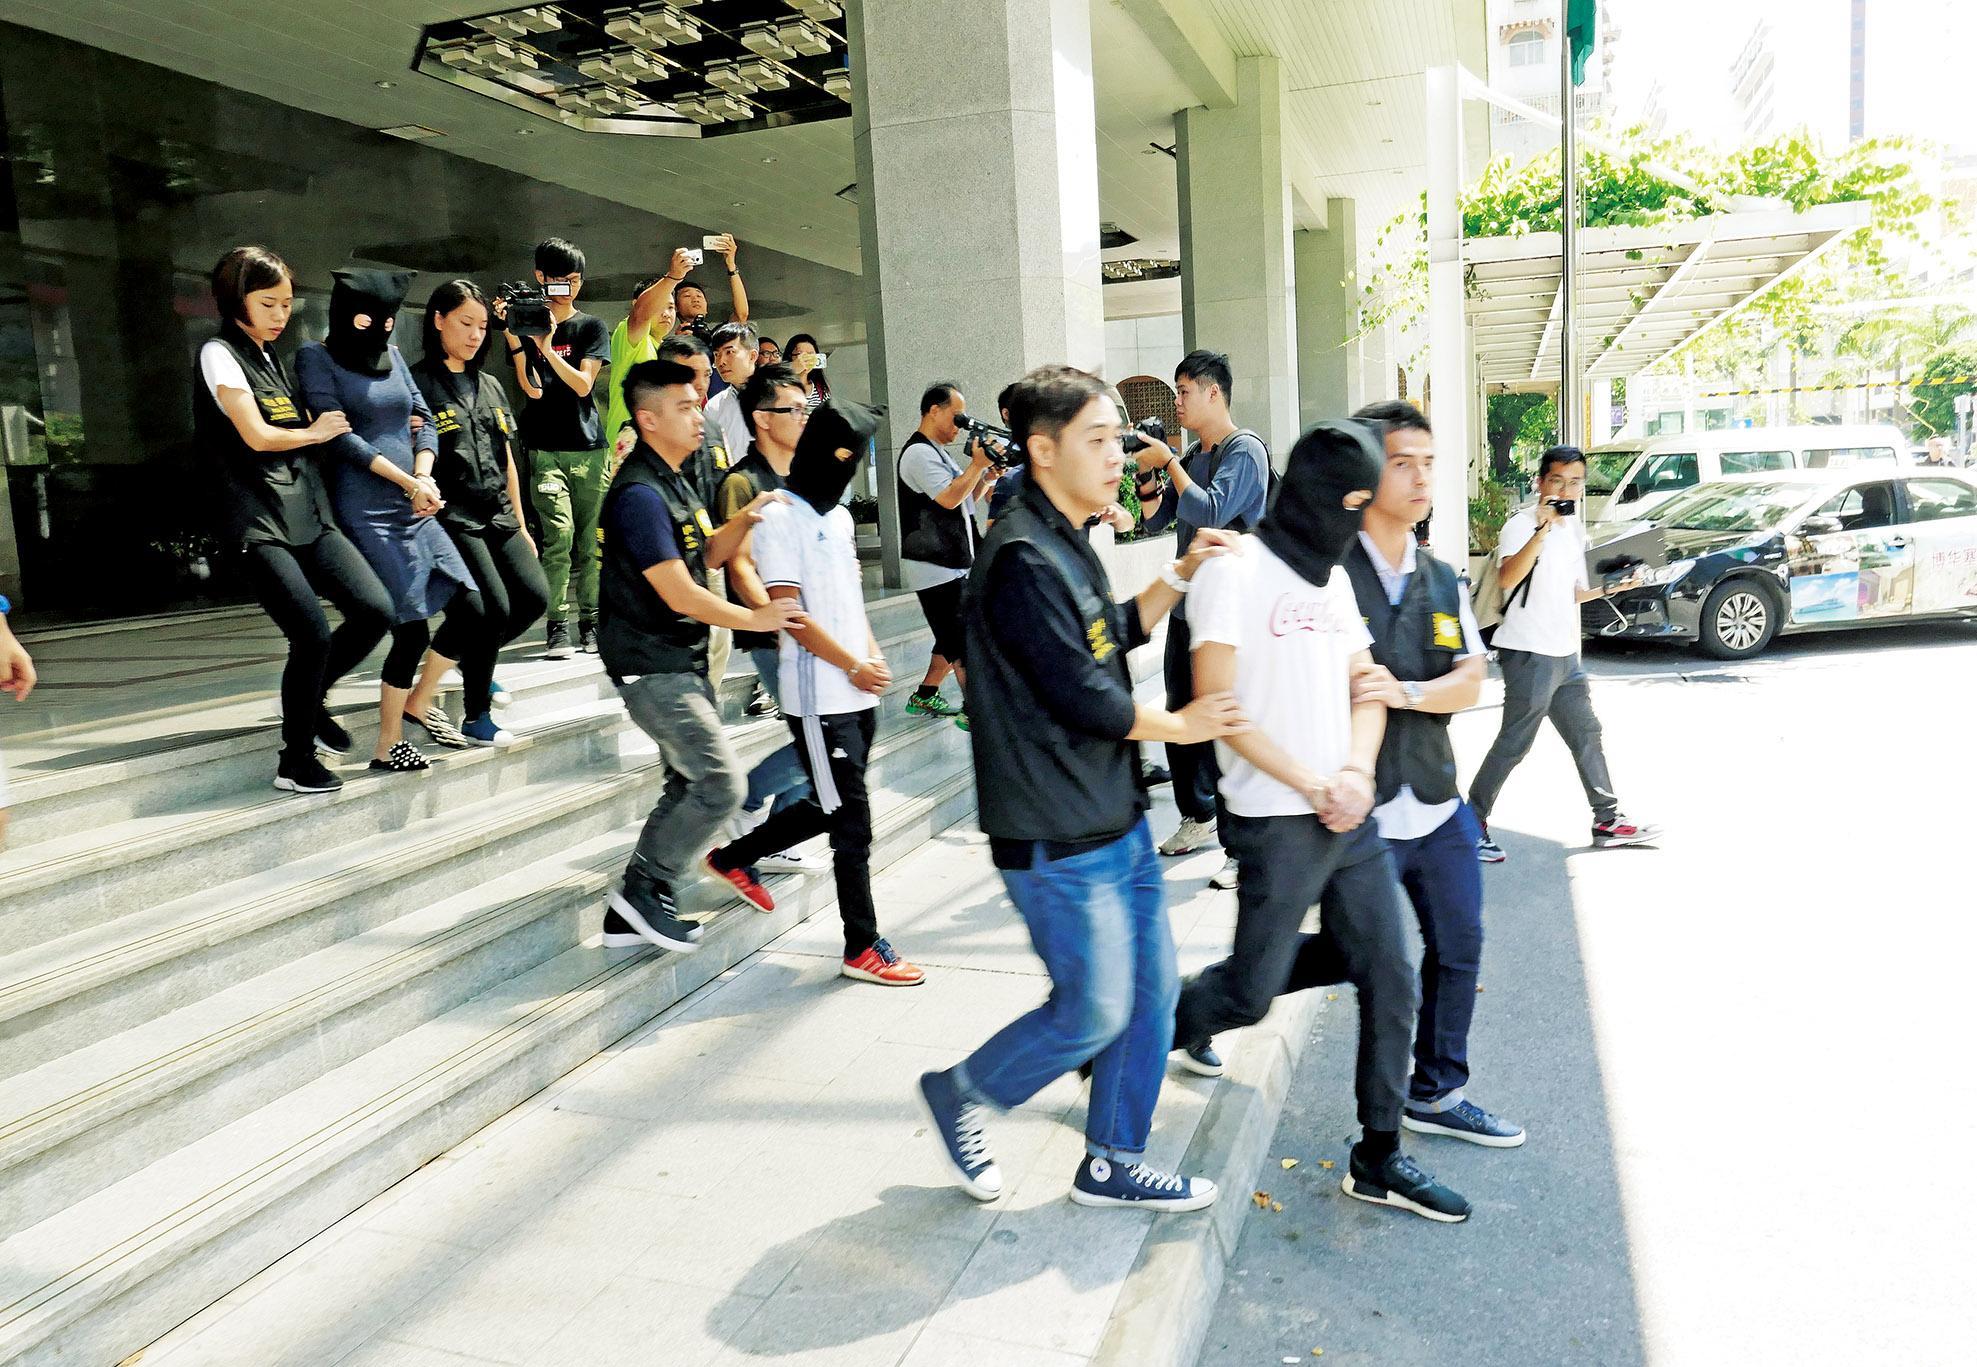 兩名治安警涉案被捕黃少澤:嚴懲不貸